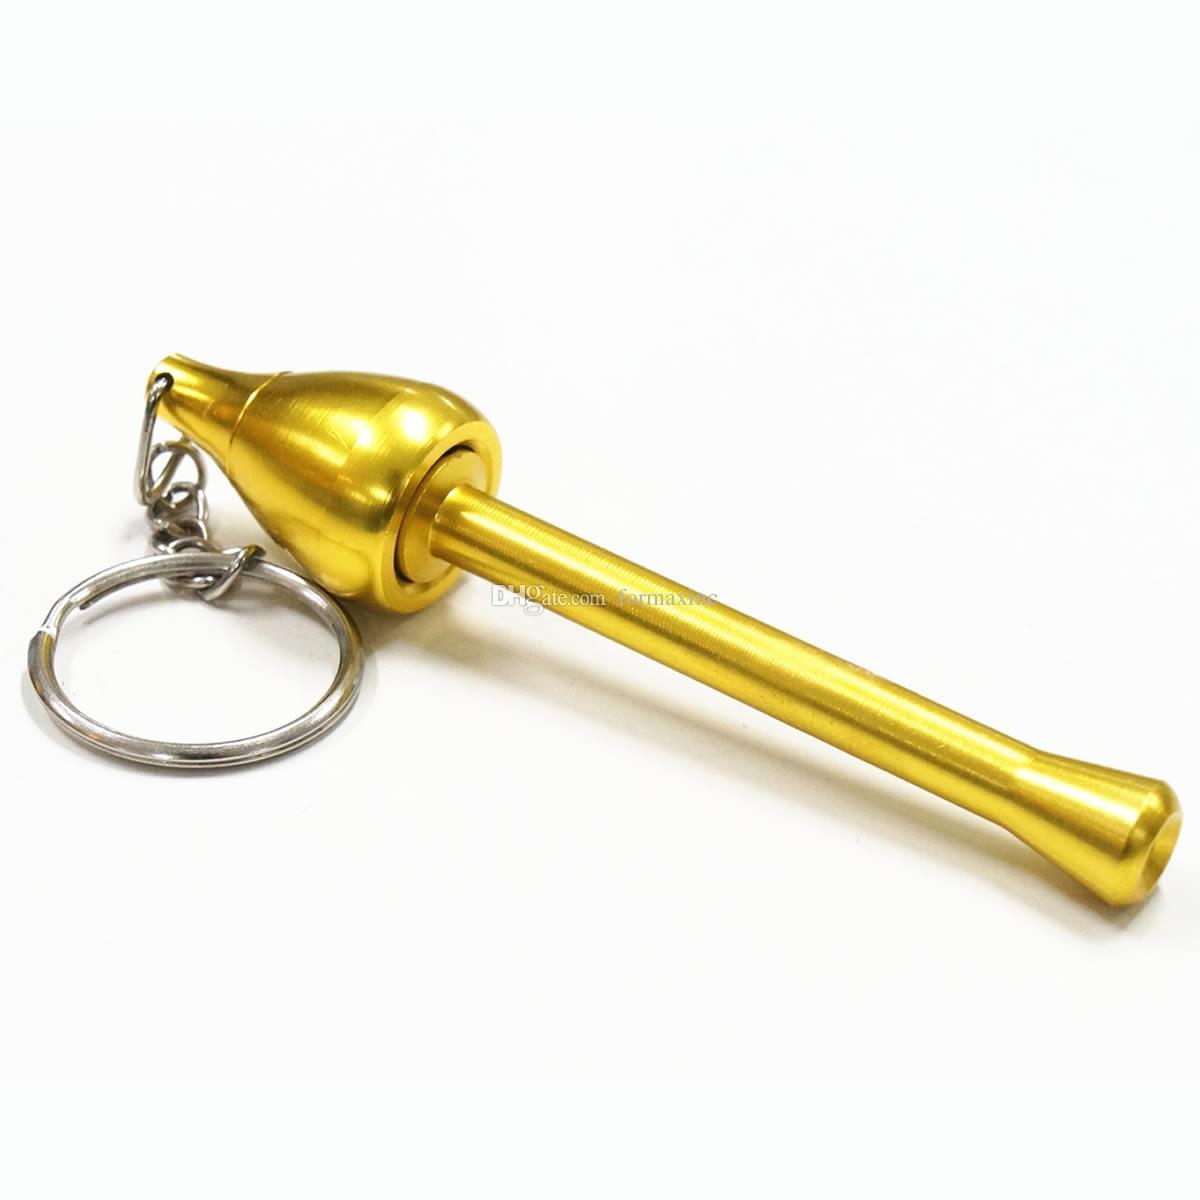 Key Chian Hand Pipe Spezialität Kraut Pocket Portable Pfeife Pilz Handpfeife Rauchen Zubehör Farbe Gold Kostenloser Versand